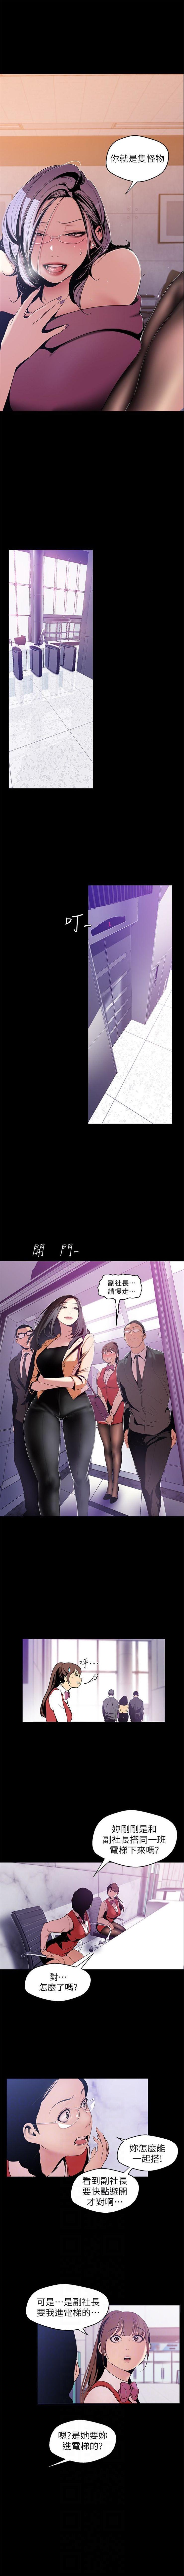 (周6)美丽新世界 1-61 中文翻译 (更新中) 429